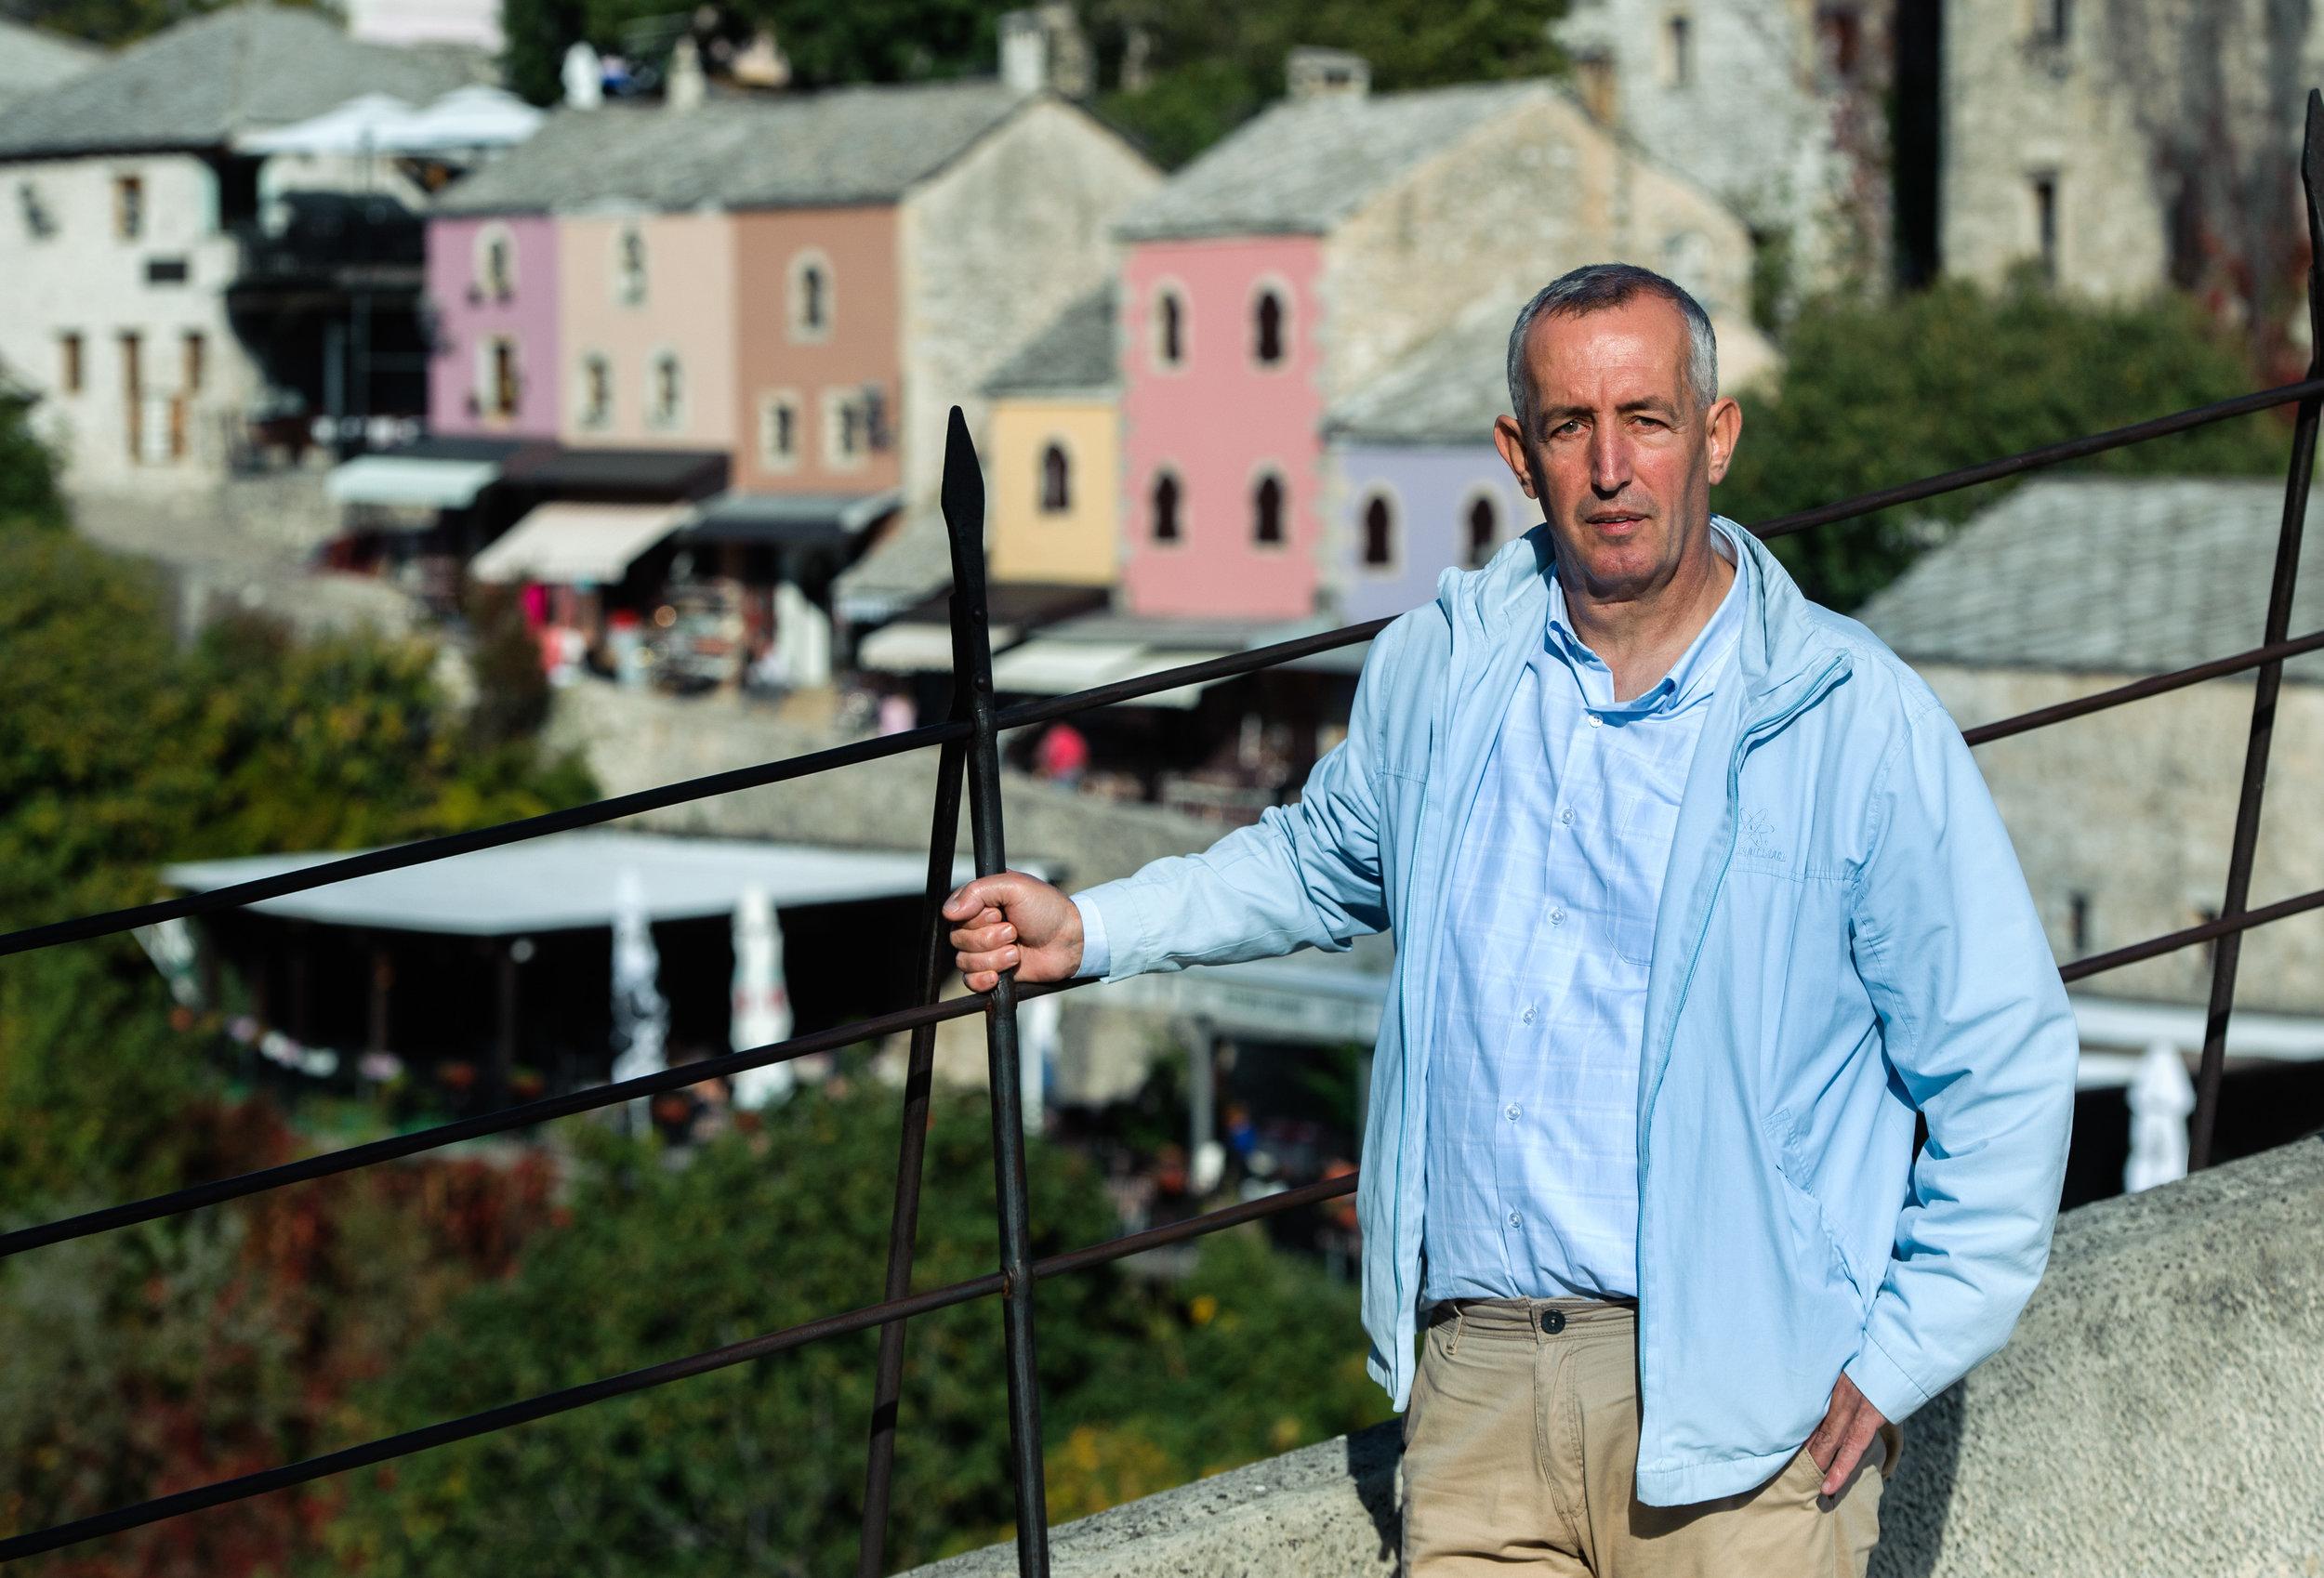 Hadis Brajević je upokojeni taksist iz Mostarja. Živi z deaktiviranim defibrilatorjem v prsih. Foto: ICIJ